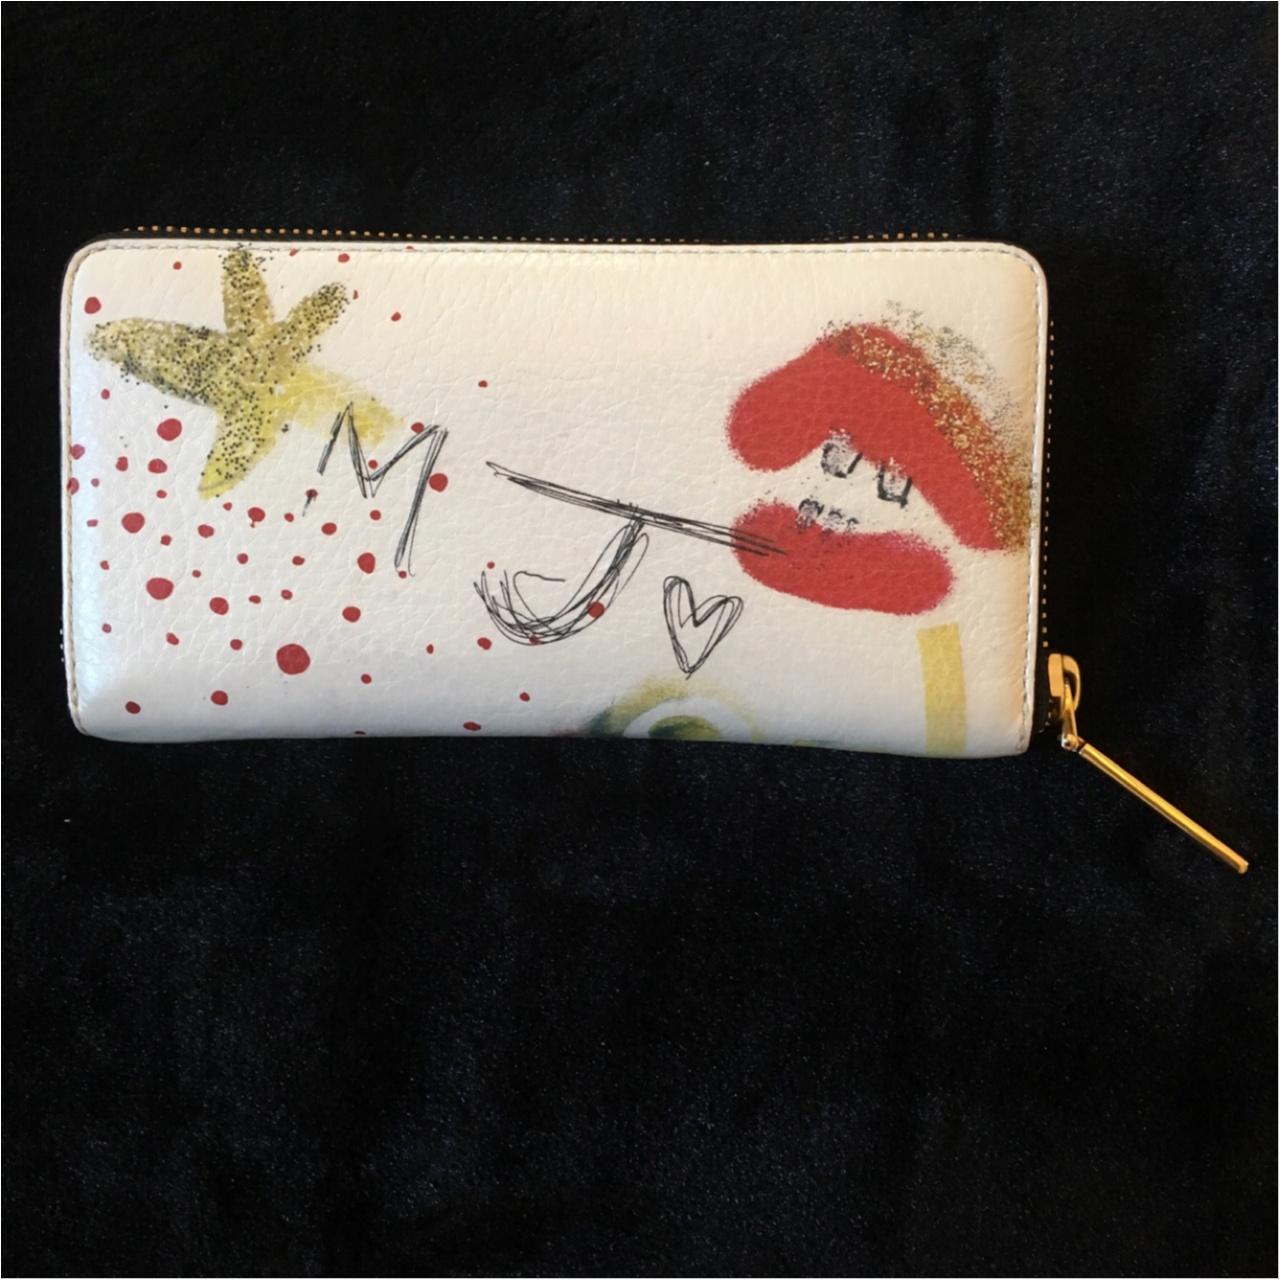 【小物▶お財布】2度見されちゃう2016年私が一目惚れしたお気に入りのお財布☺_2